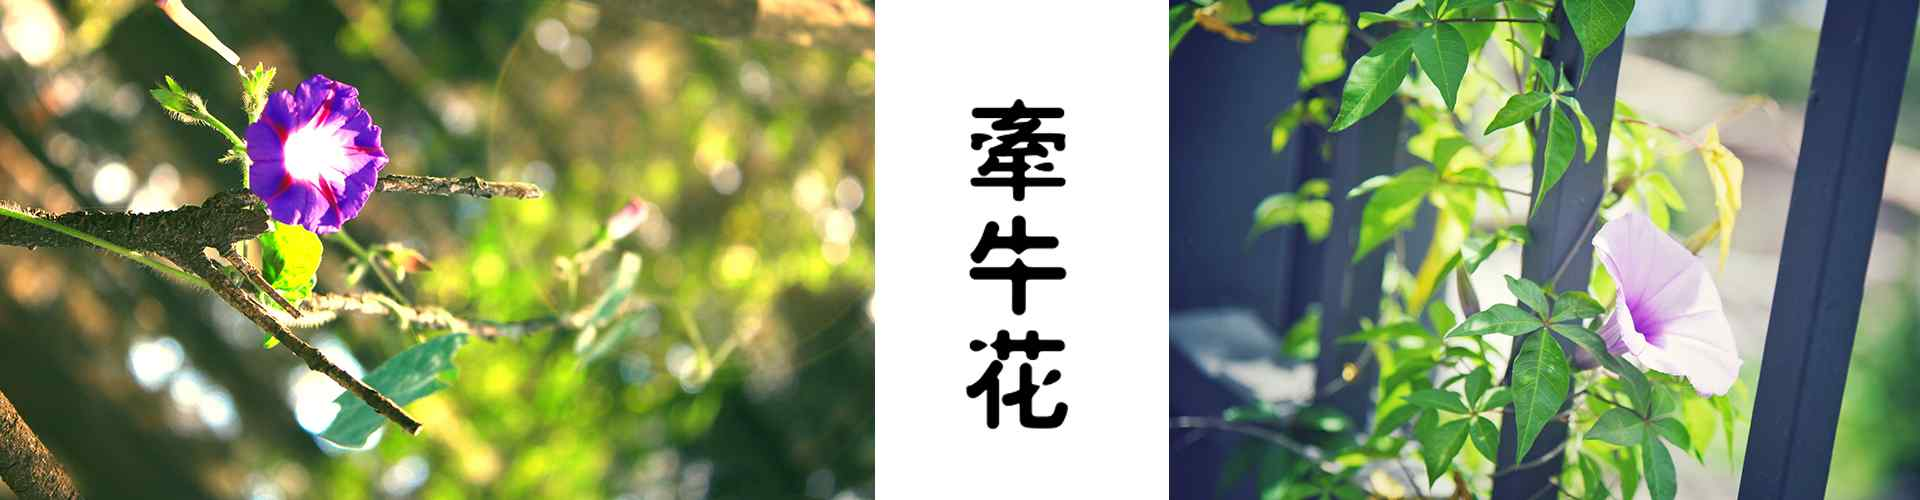 牽牛花_牽牛花圖ji)牽牛花花語寓意_喇叭花圖ji)鮮花圖ji) 筧 width=